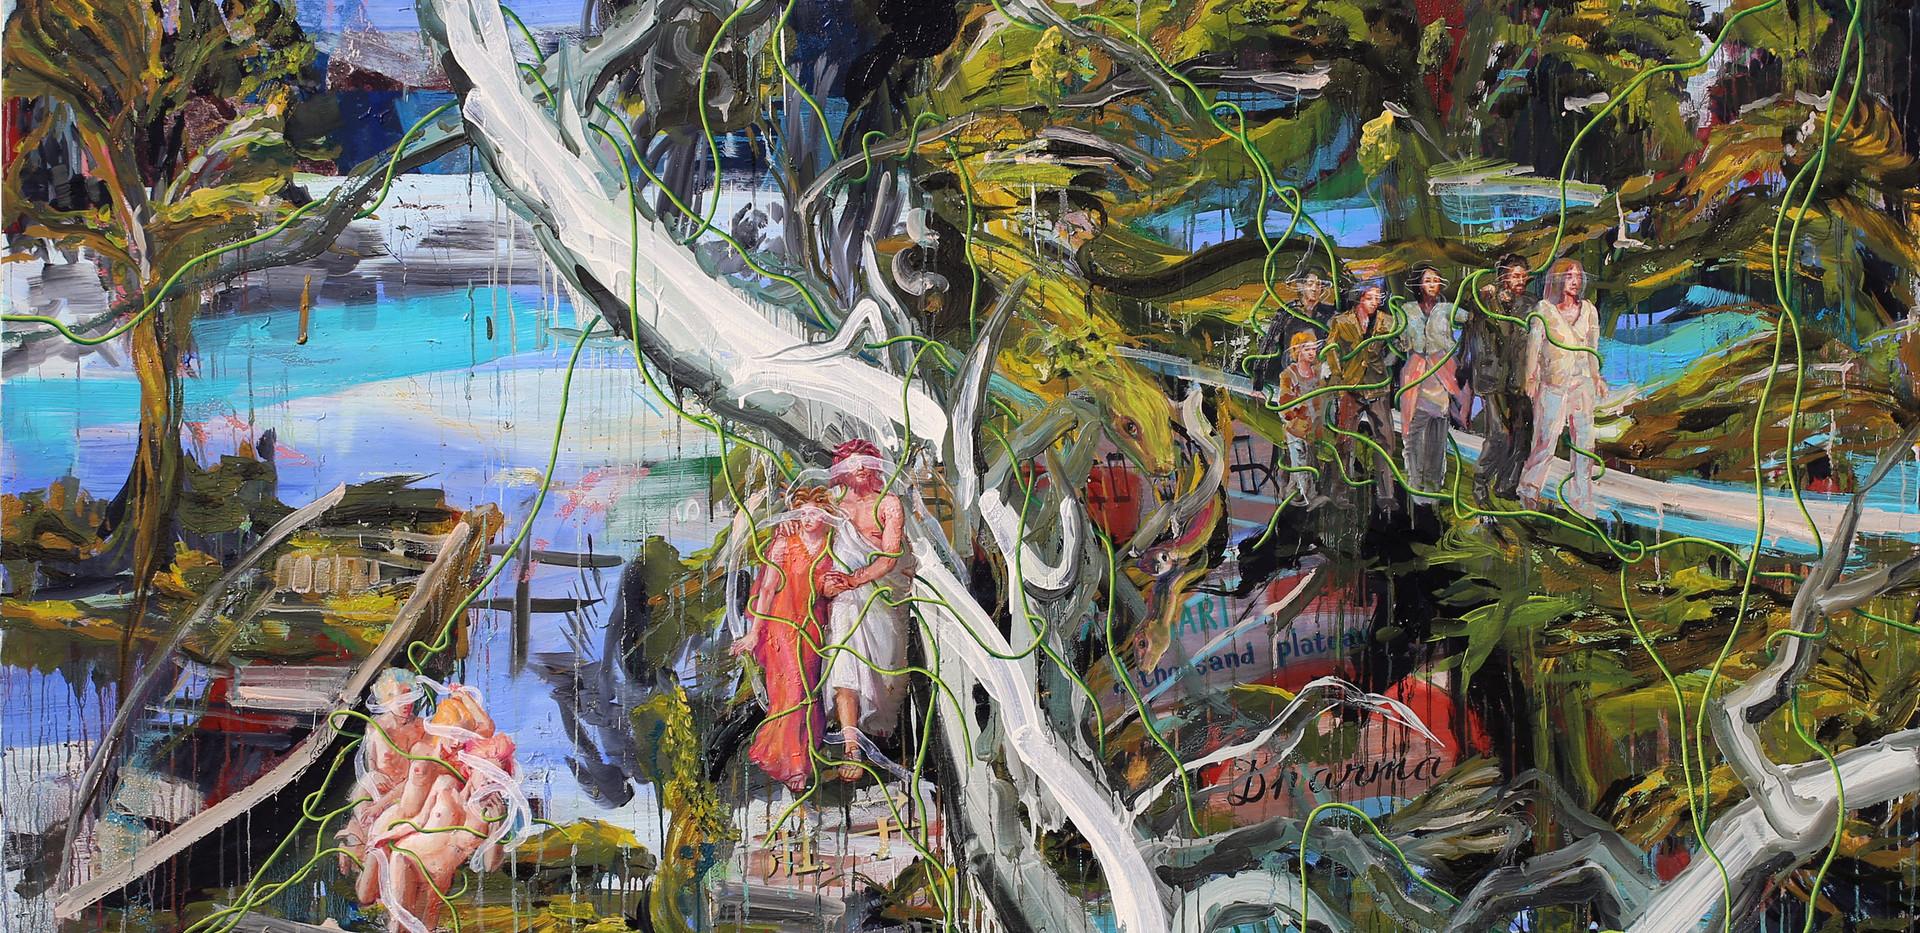 눈먼자의 숲에서 메두사를 보라 Behold Medusa at the forest of the blind 181x227cm oil on canvas 2019-6